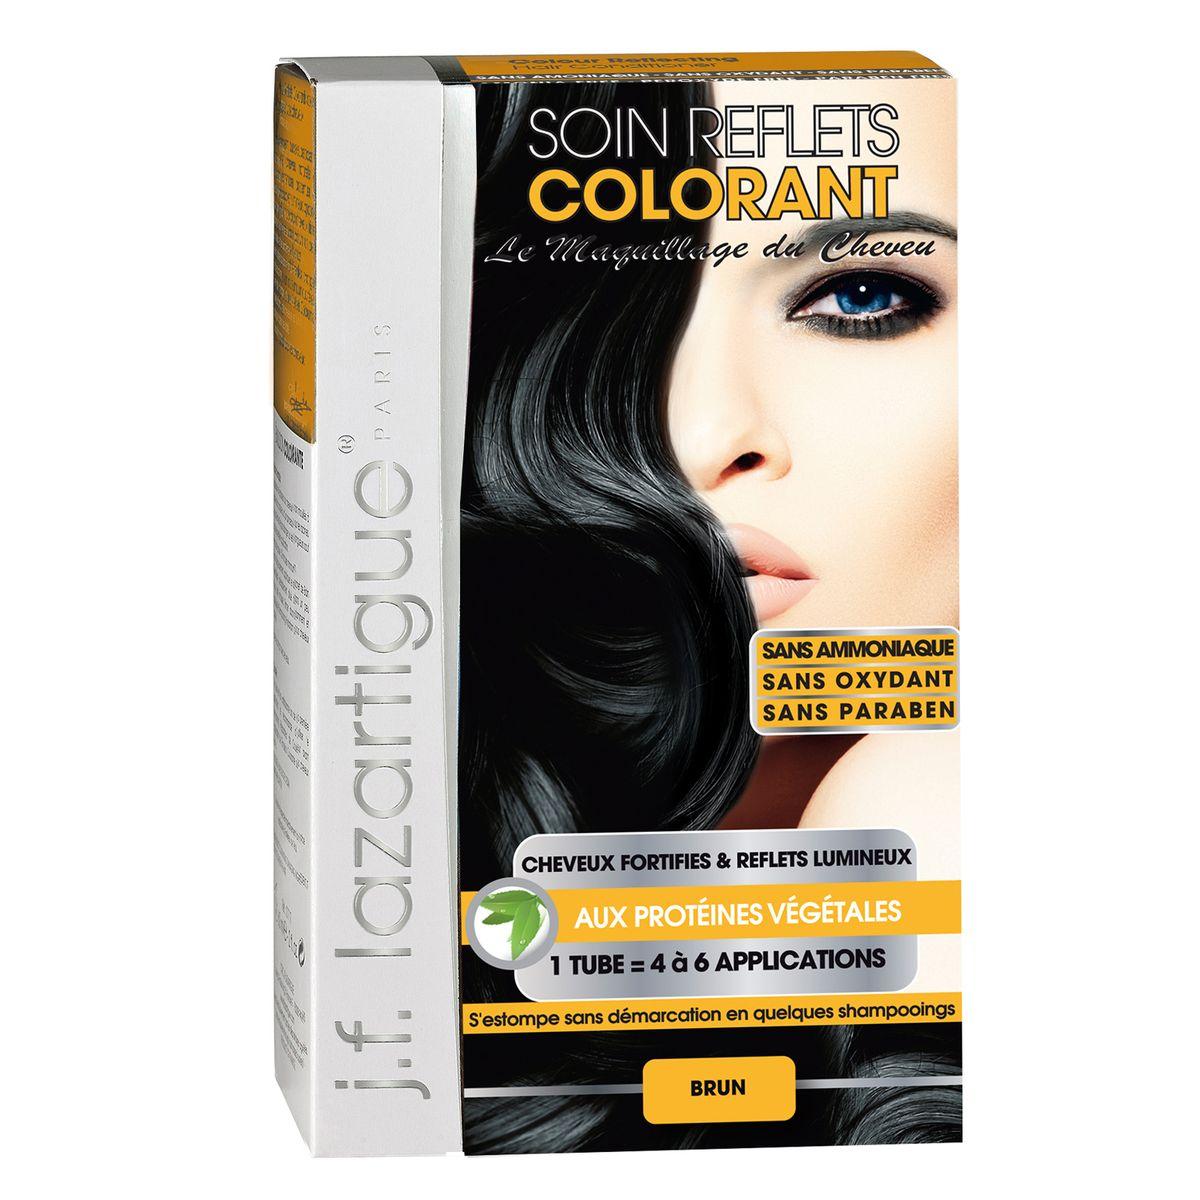 J.F.Lazartigue Оттеночный кондиционер для волос Черный 100 мл766933Оттеночный кондиционер J.F.LAZARTIGUE – это лечебный макияж для Ваших волос. Два эффекта: кондиционирование волос и легкий оттенок. Особенности: придает новый или более теплый (или холодный) оттенок, делает тон темнее или акцентирует цвет, оживляет естественный цвет или придает яркость тусклым и выцветшим на солнце волосам. Закрашивает небольшой процент седины! После мытья волос шампунем (3-6 раз) смывается. Для достижения индивидуального оттенка можно смешать два разных кондиционера: добавить к выбранному ТЕМНЫЙ РЫЖИЙ (Auburn), МЕДНЫЙ (Copper) и т.п. Не осветляет волосы. Не содержит аммиака и перекиси водорода. Не содержит парабенов. Не предназначен для окрашивания бровей и ресниц.